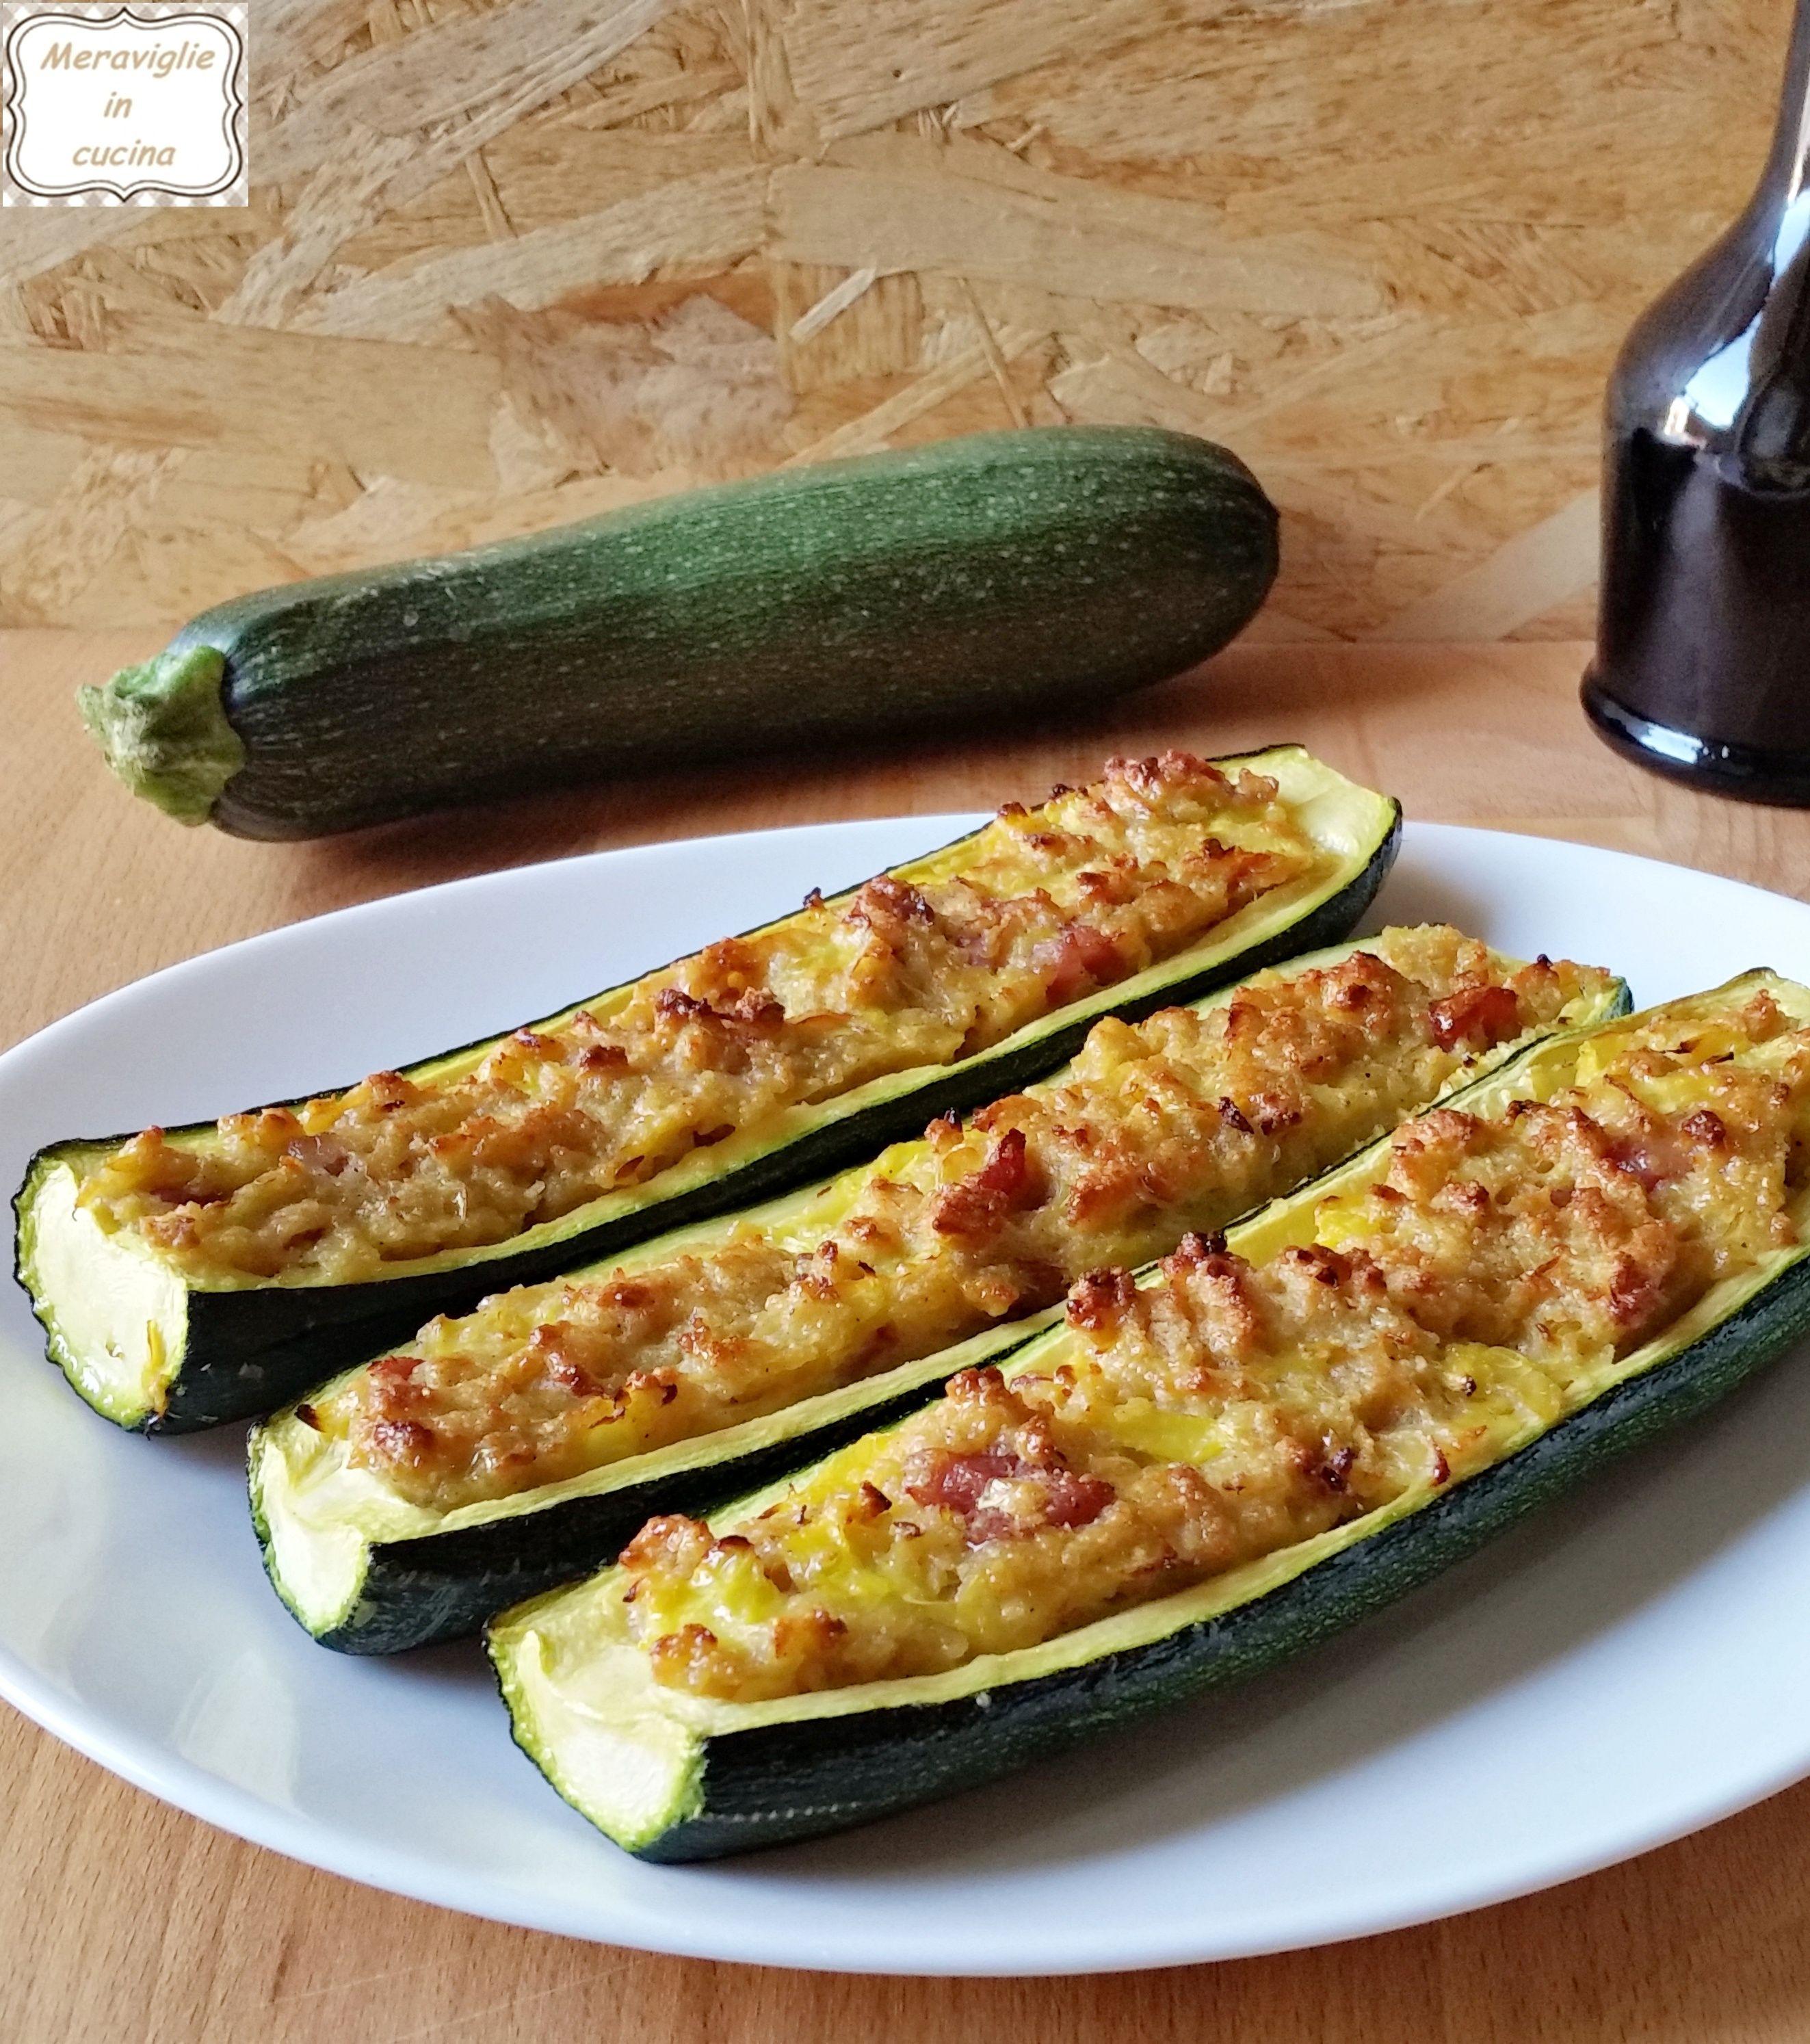 d22f27f15f201668585eea2f5ed37ec1 - Ricette Zucchini Ripieni